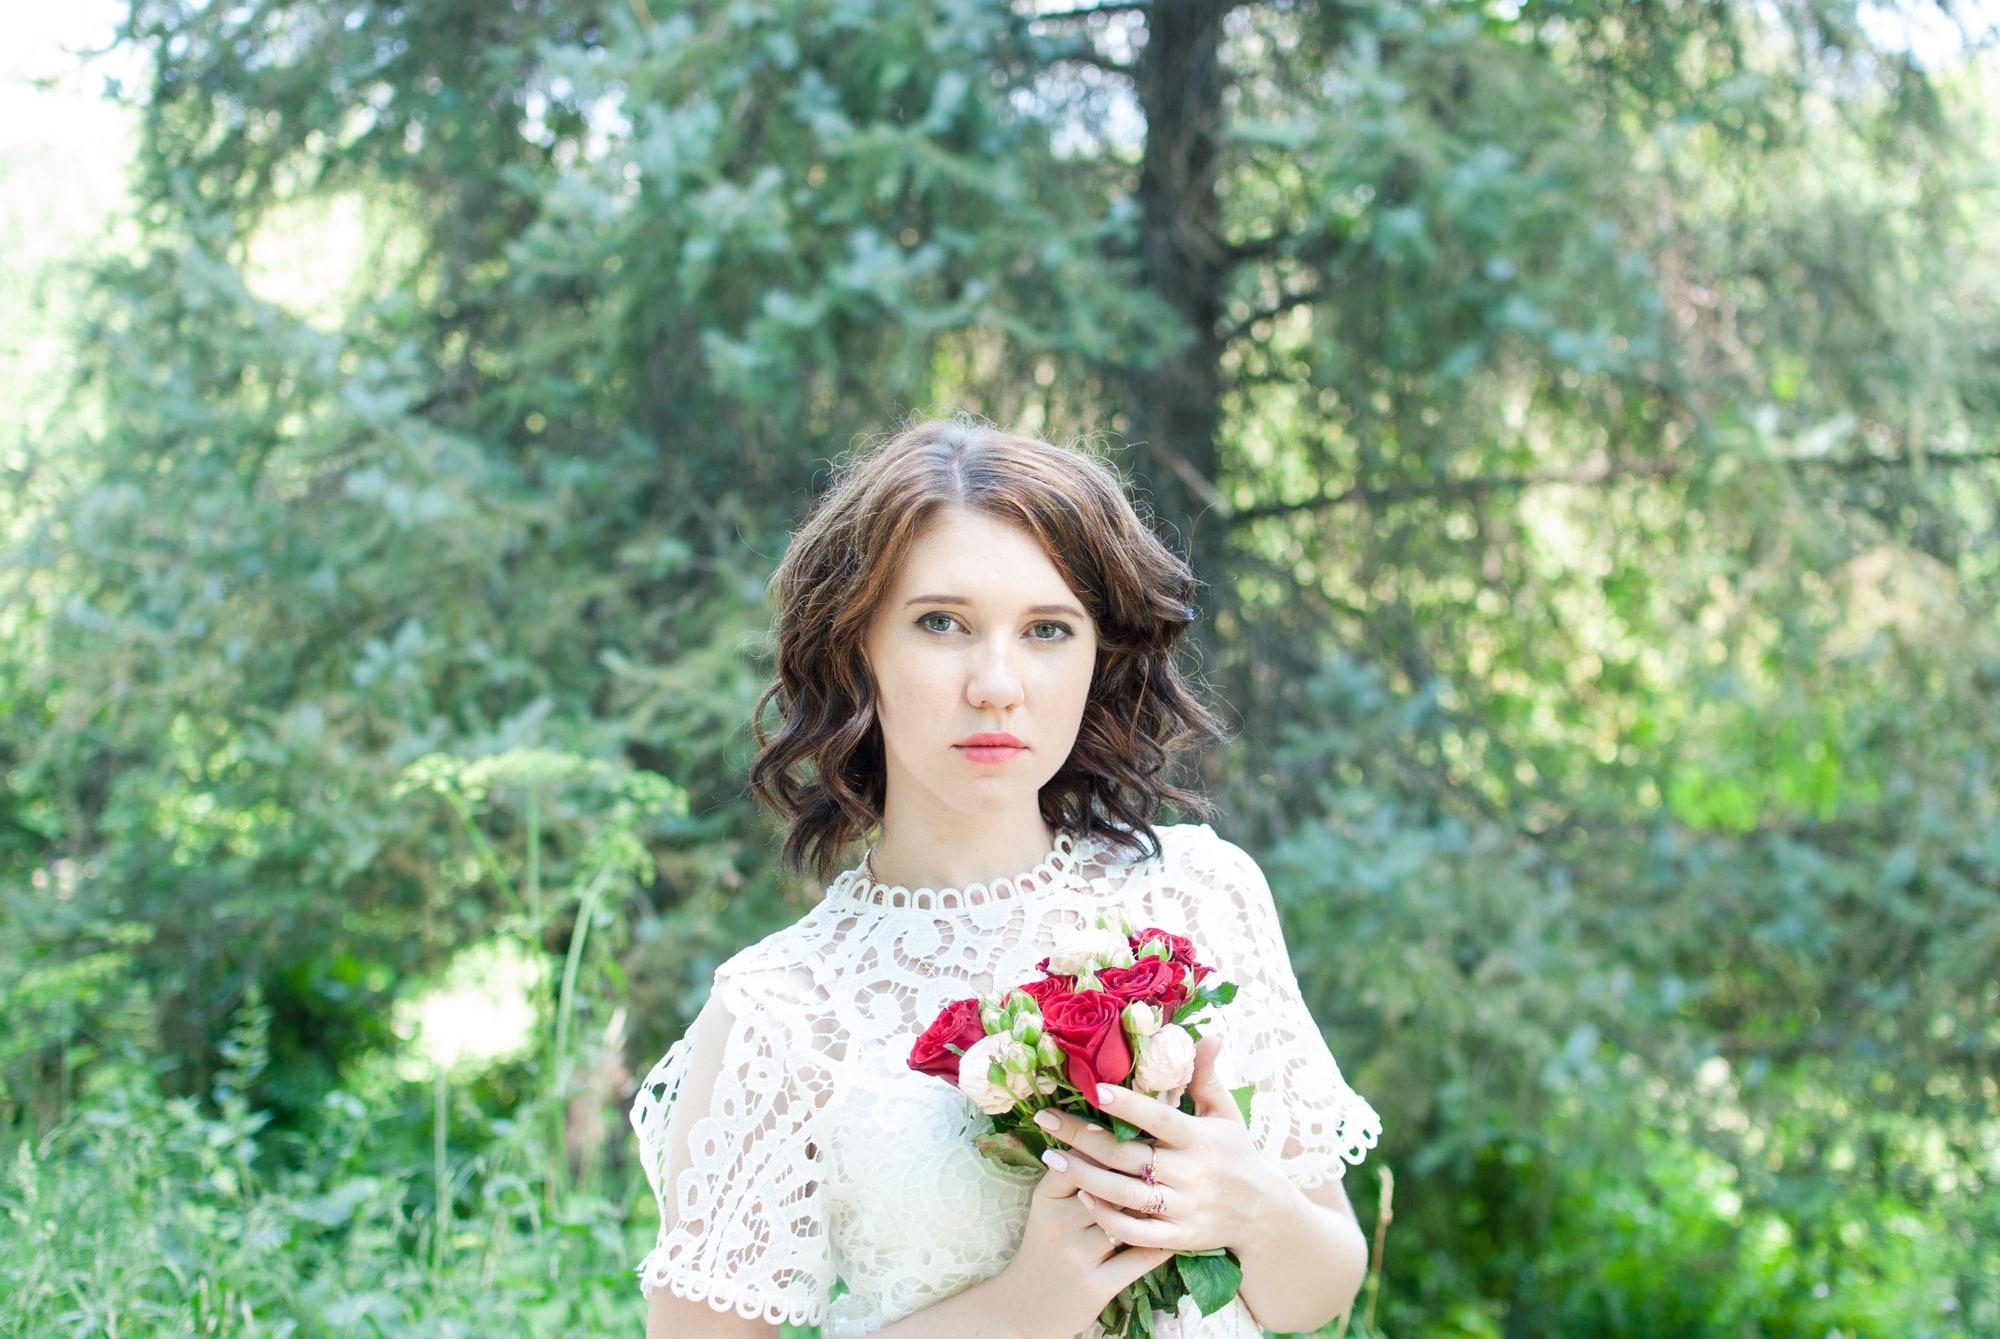 Романтическая фотосессия в Ботаническом саду